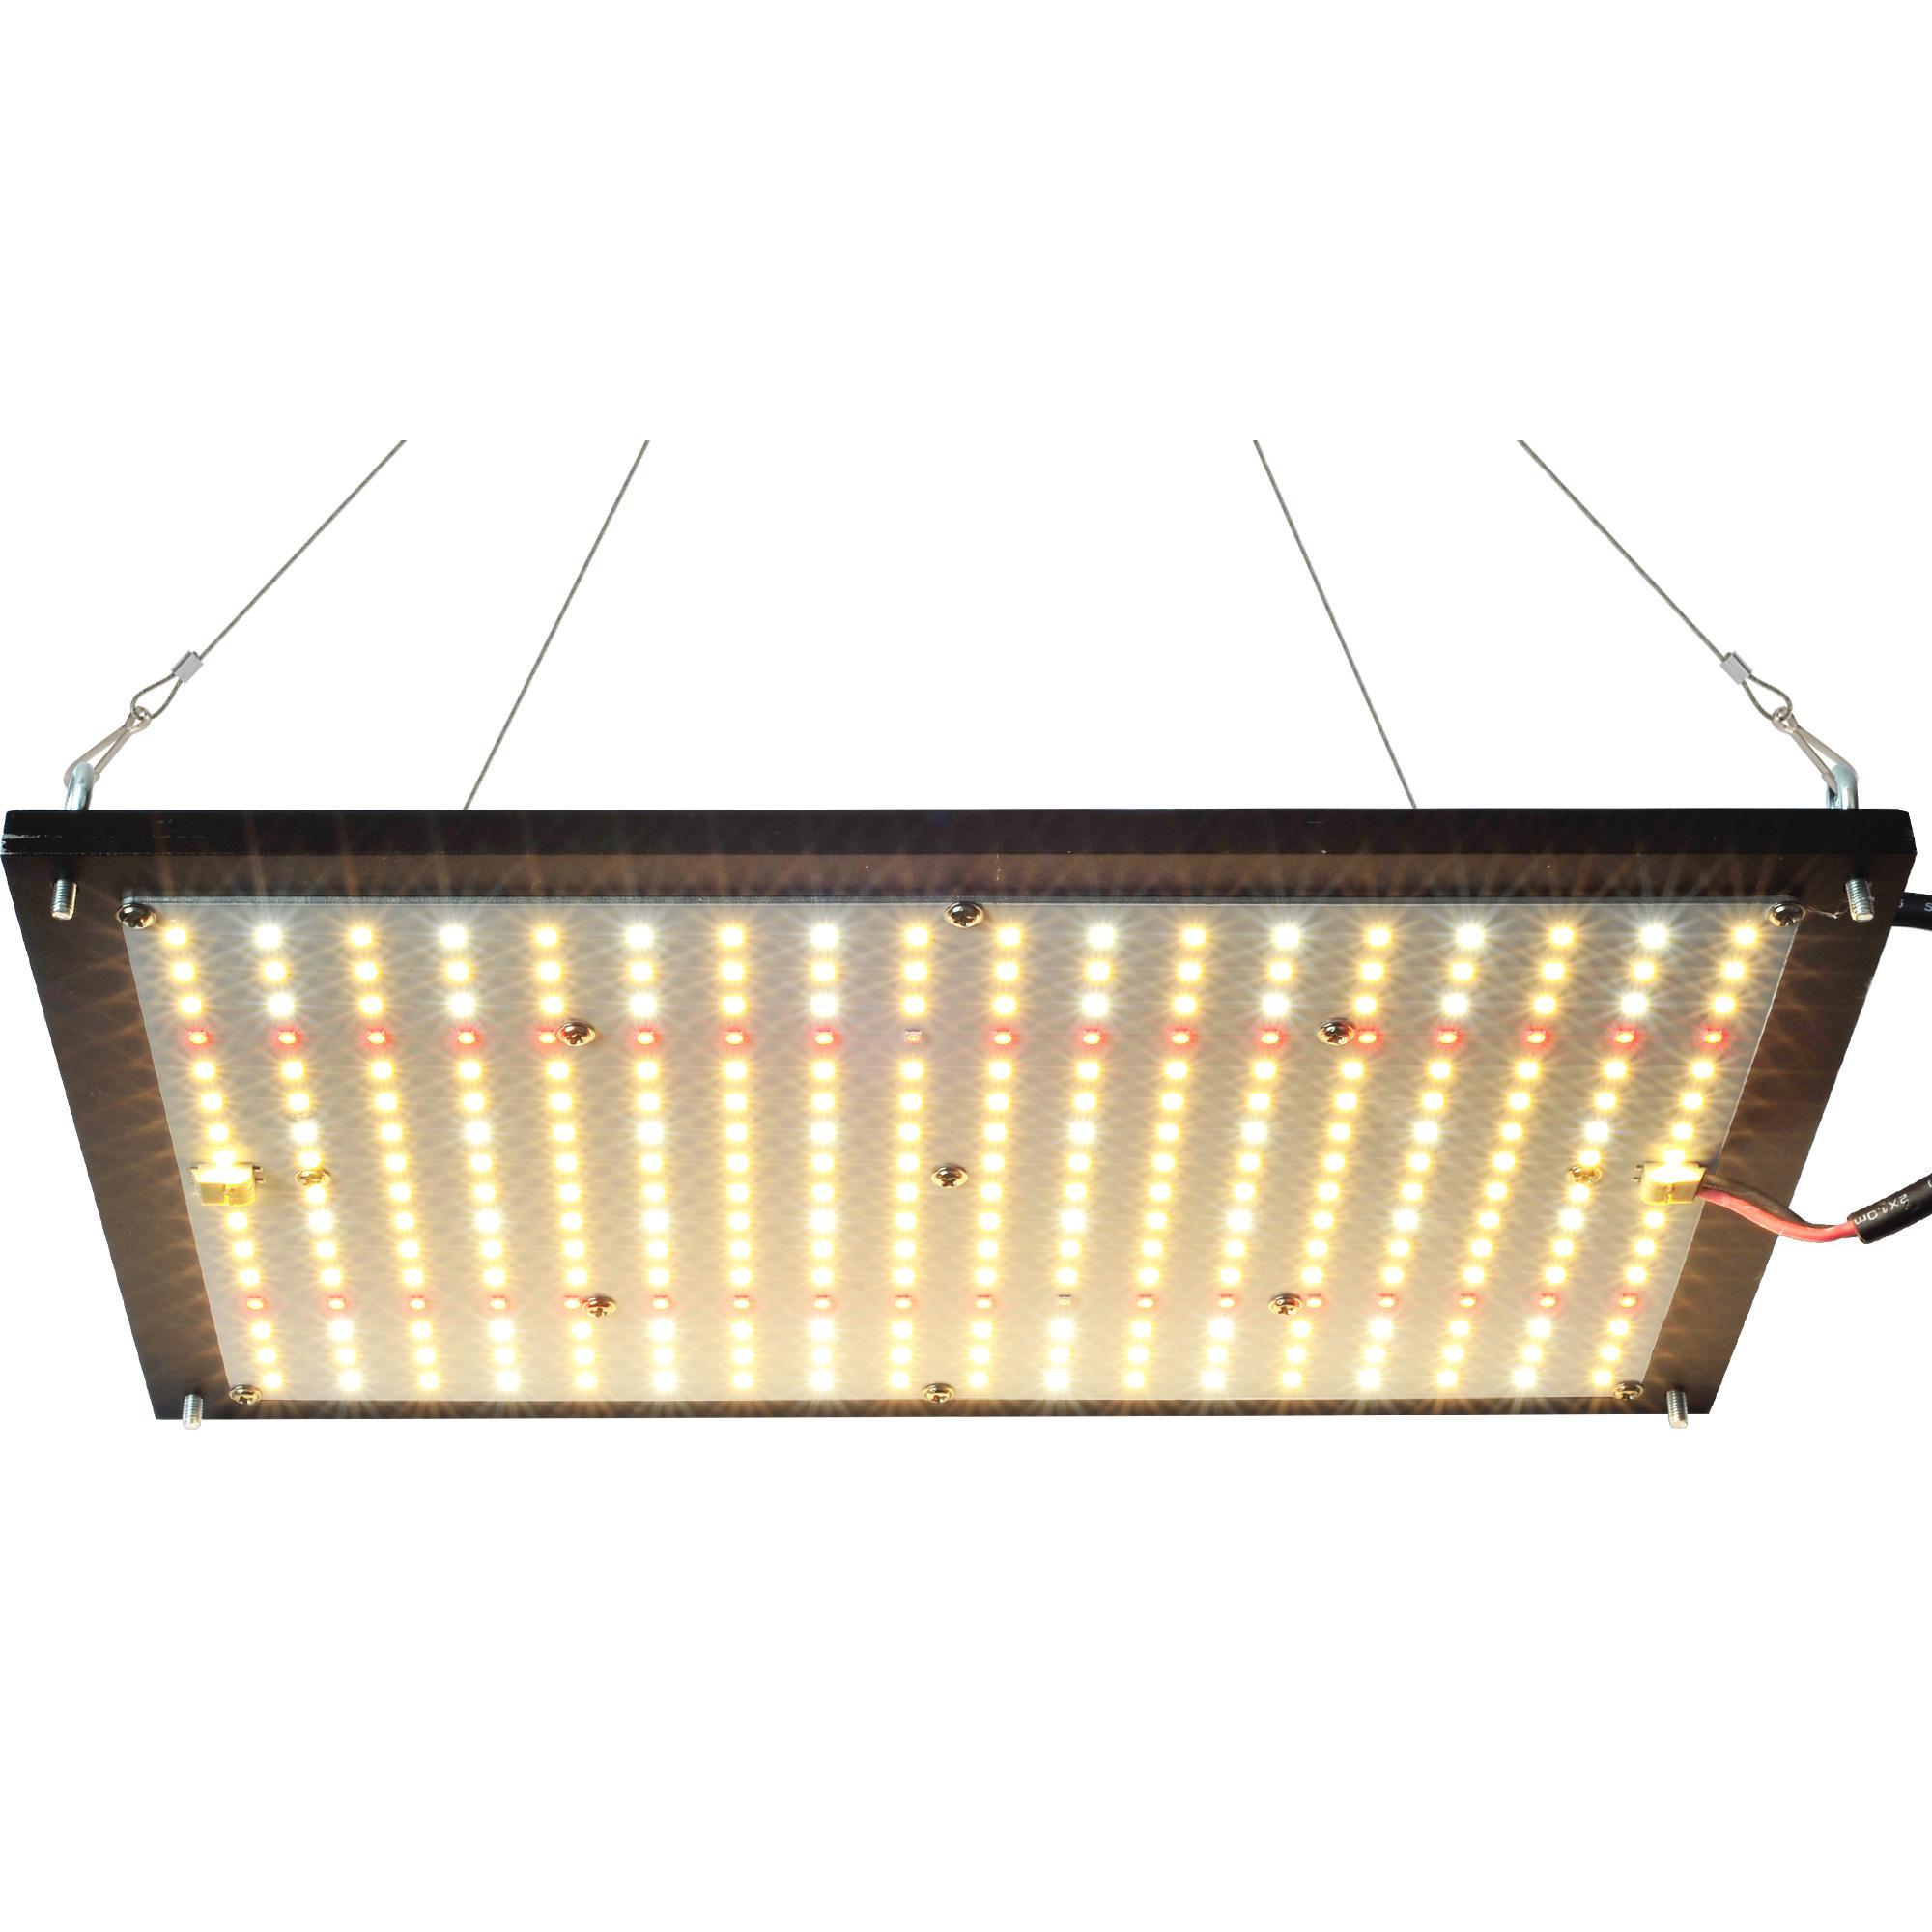 1000W LED تنمو ضوء للنباتات الداخلية الطيف الكامل مع مصابيح الصمامات سامسونج ومصدق 1000 واط مصباح المصابيح النمو